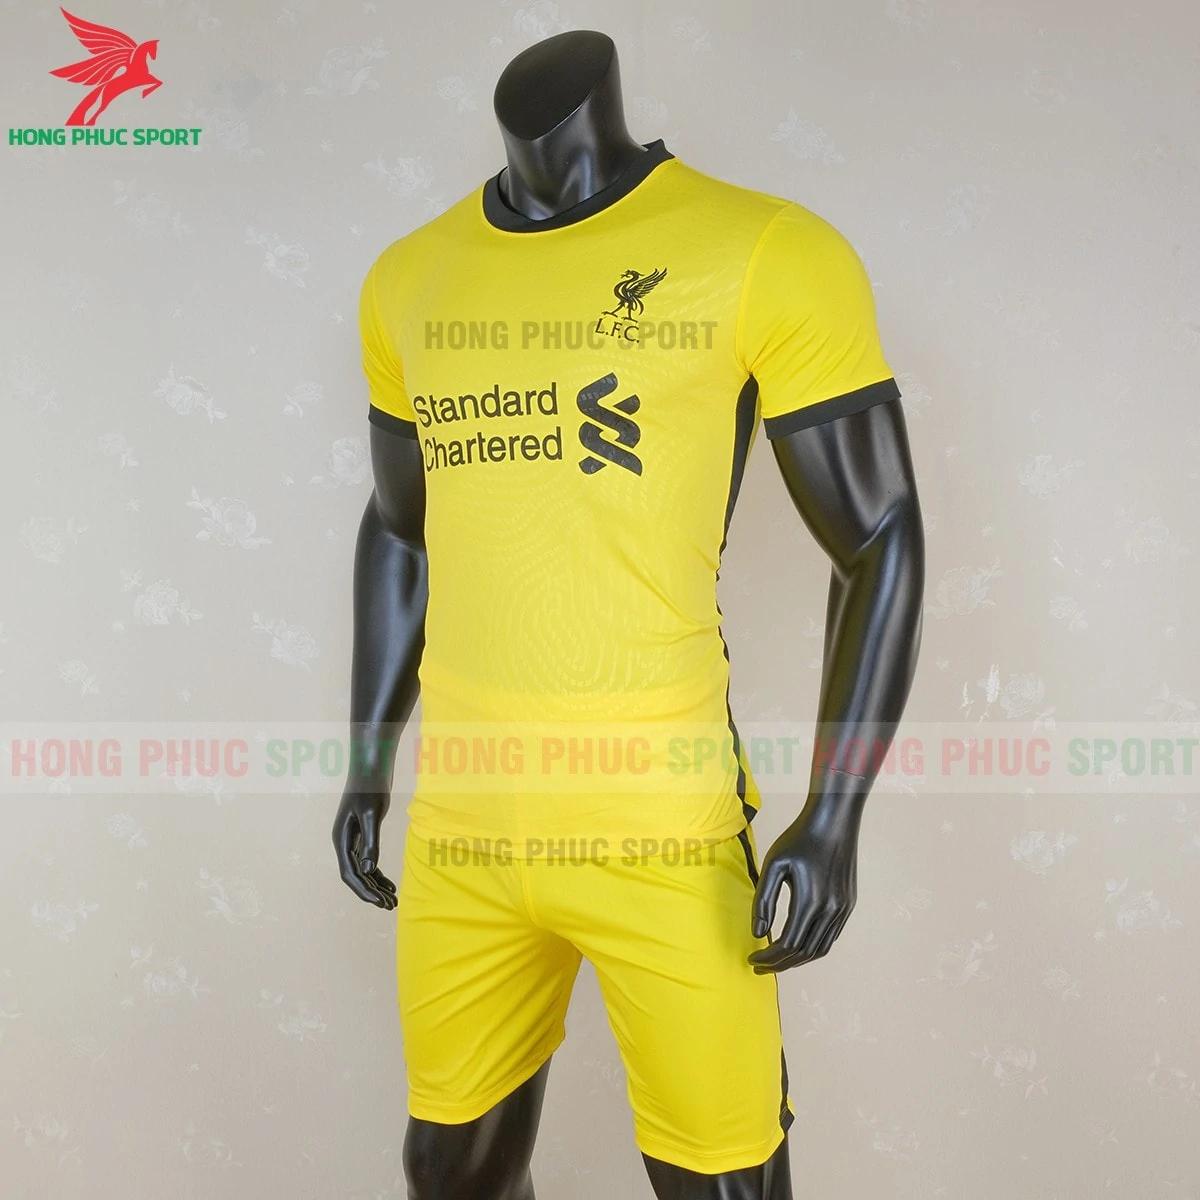 Áo thủ môn Liverpool 2020 màu vàng (trái)